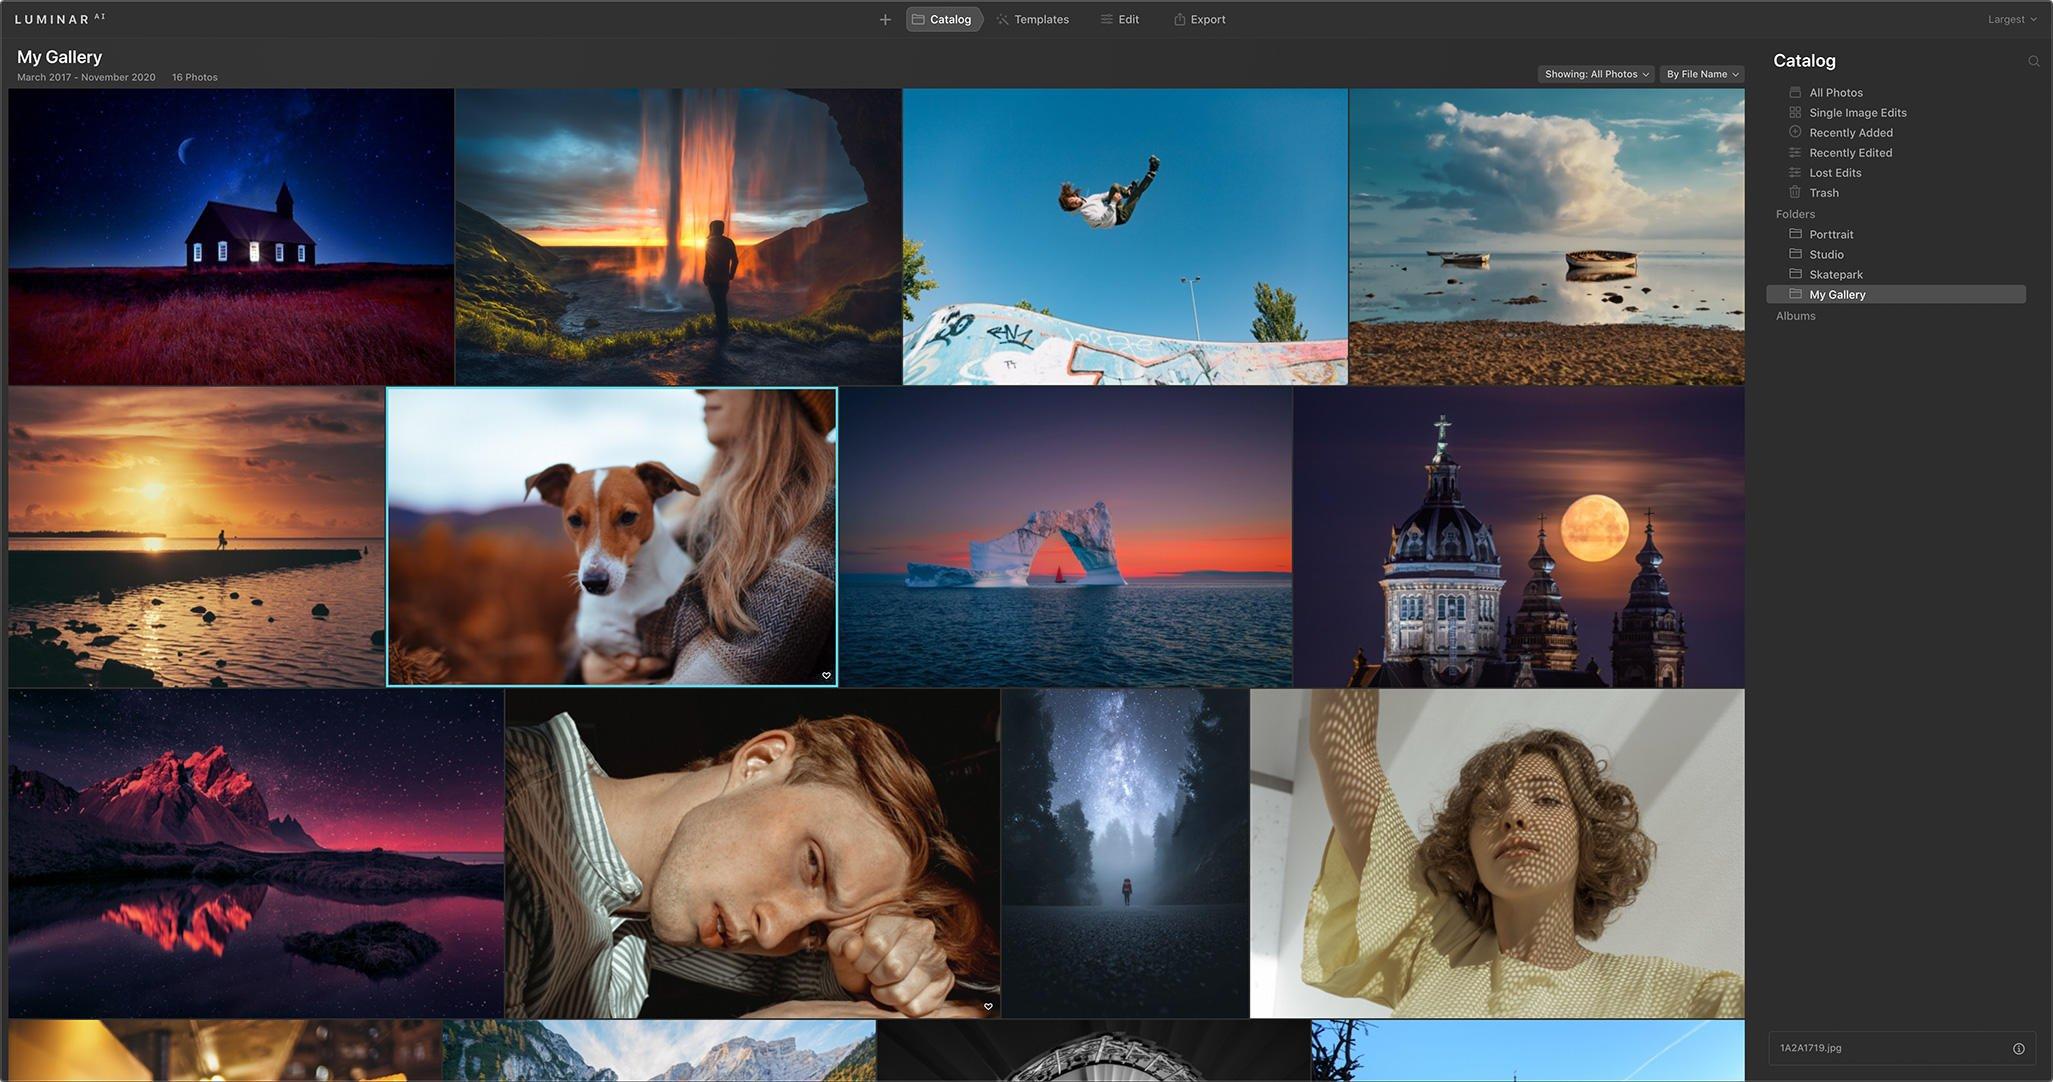 Luminar AI 1.5.0 Mac 破解版 AI照片编辑软件